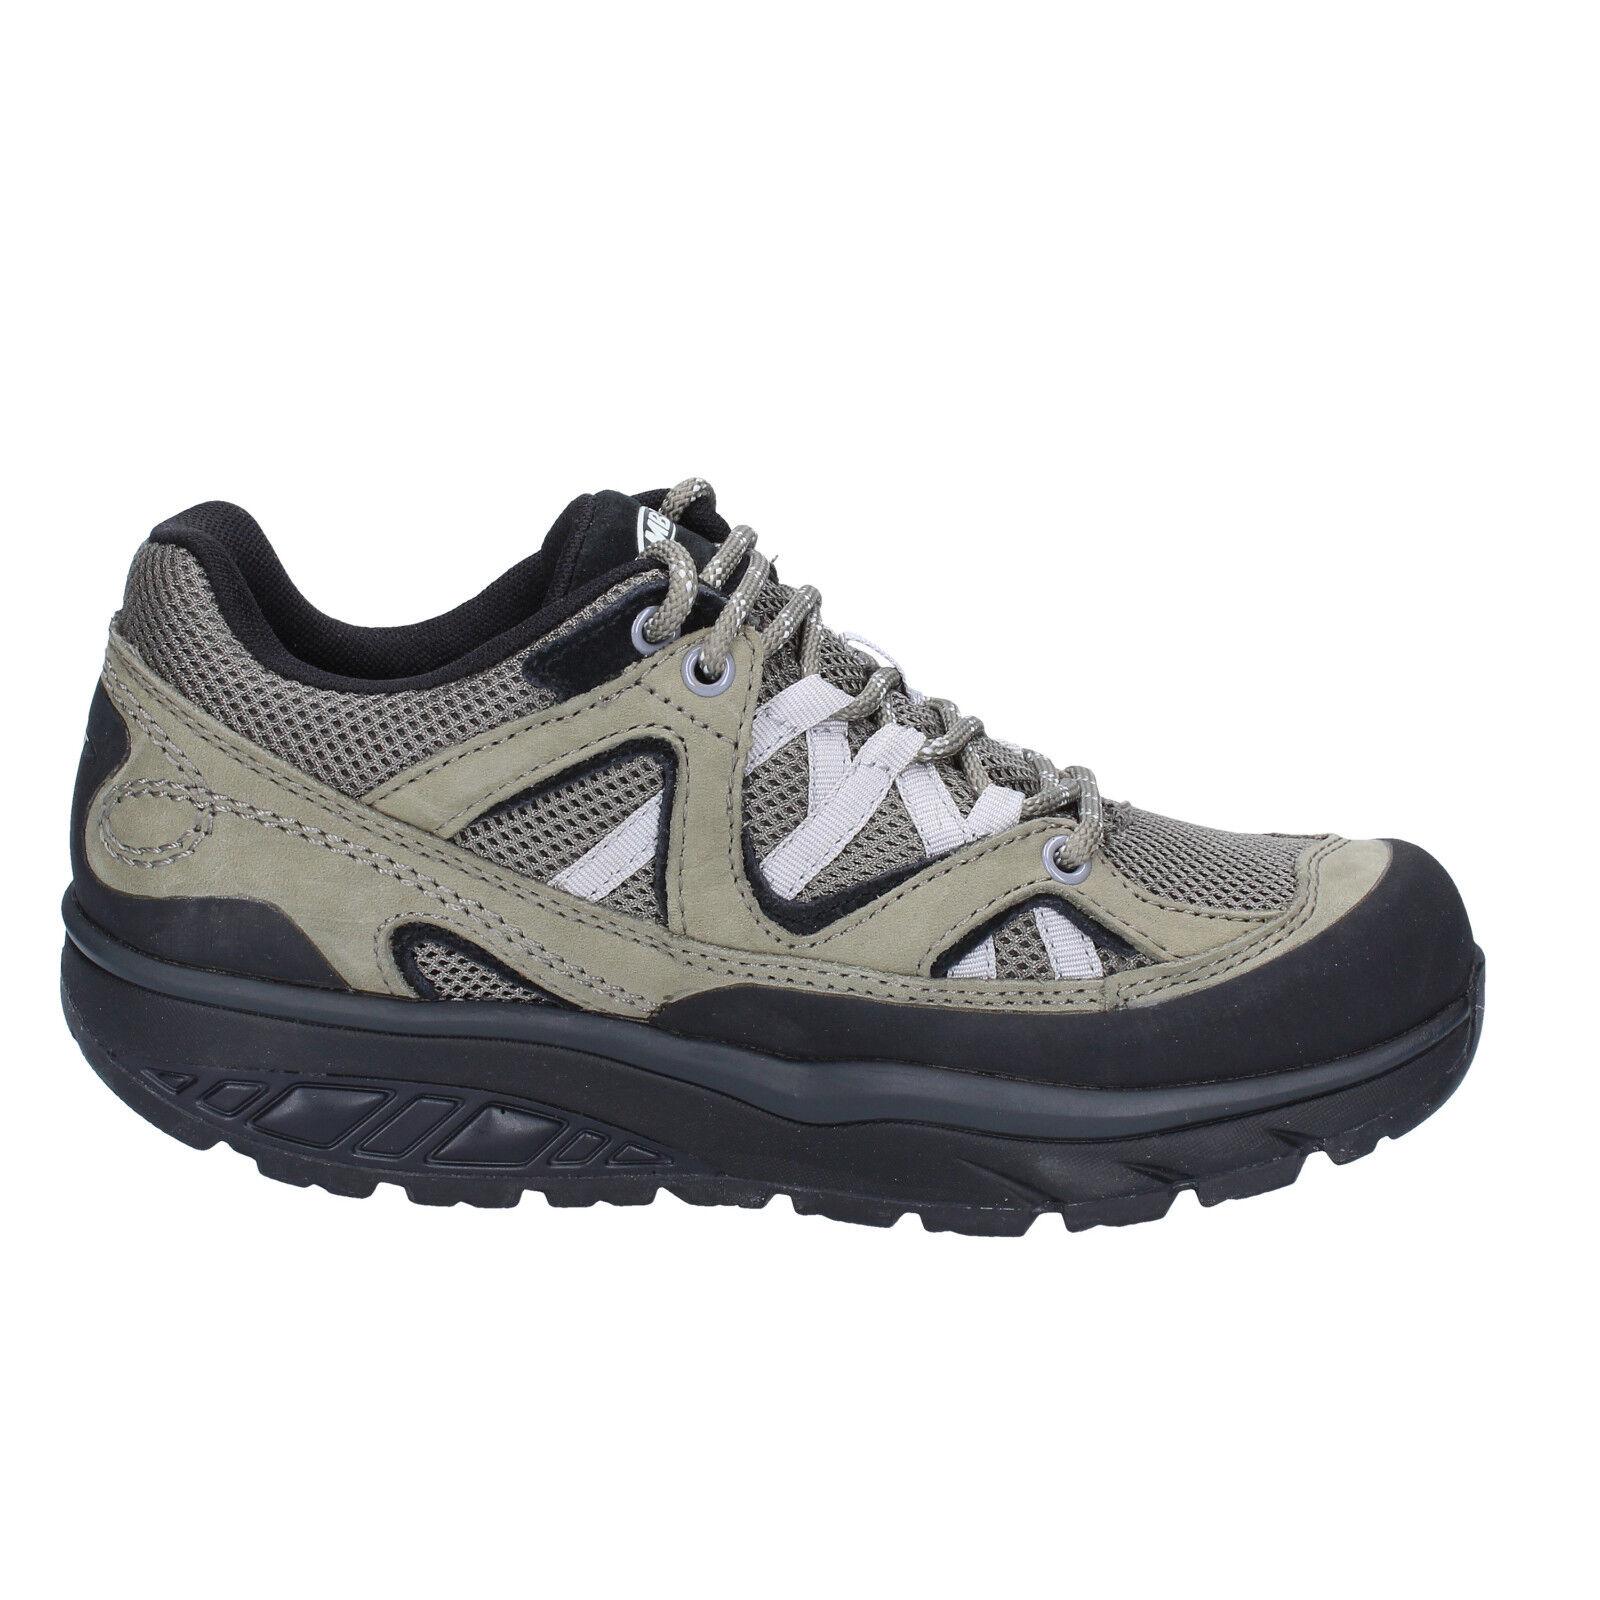 Damen schuhe schuhe schuhe MBT 37 EU sneakers grau Grün textil nabuk BT23-37 1df2ef